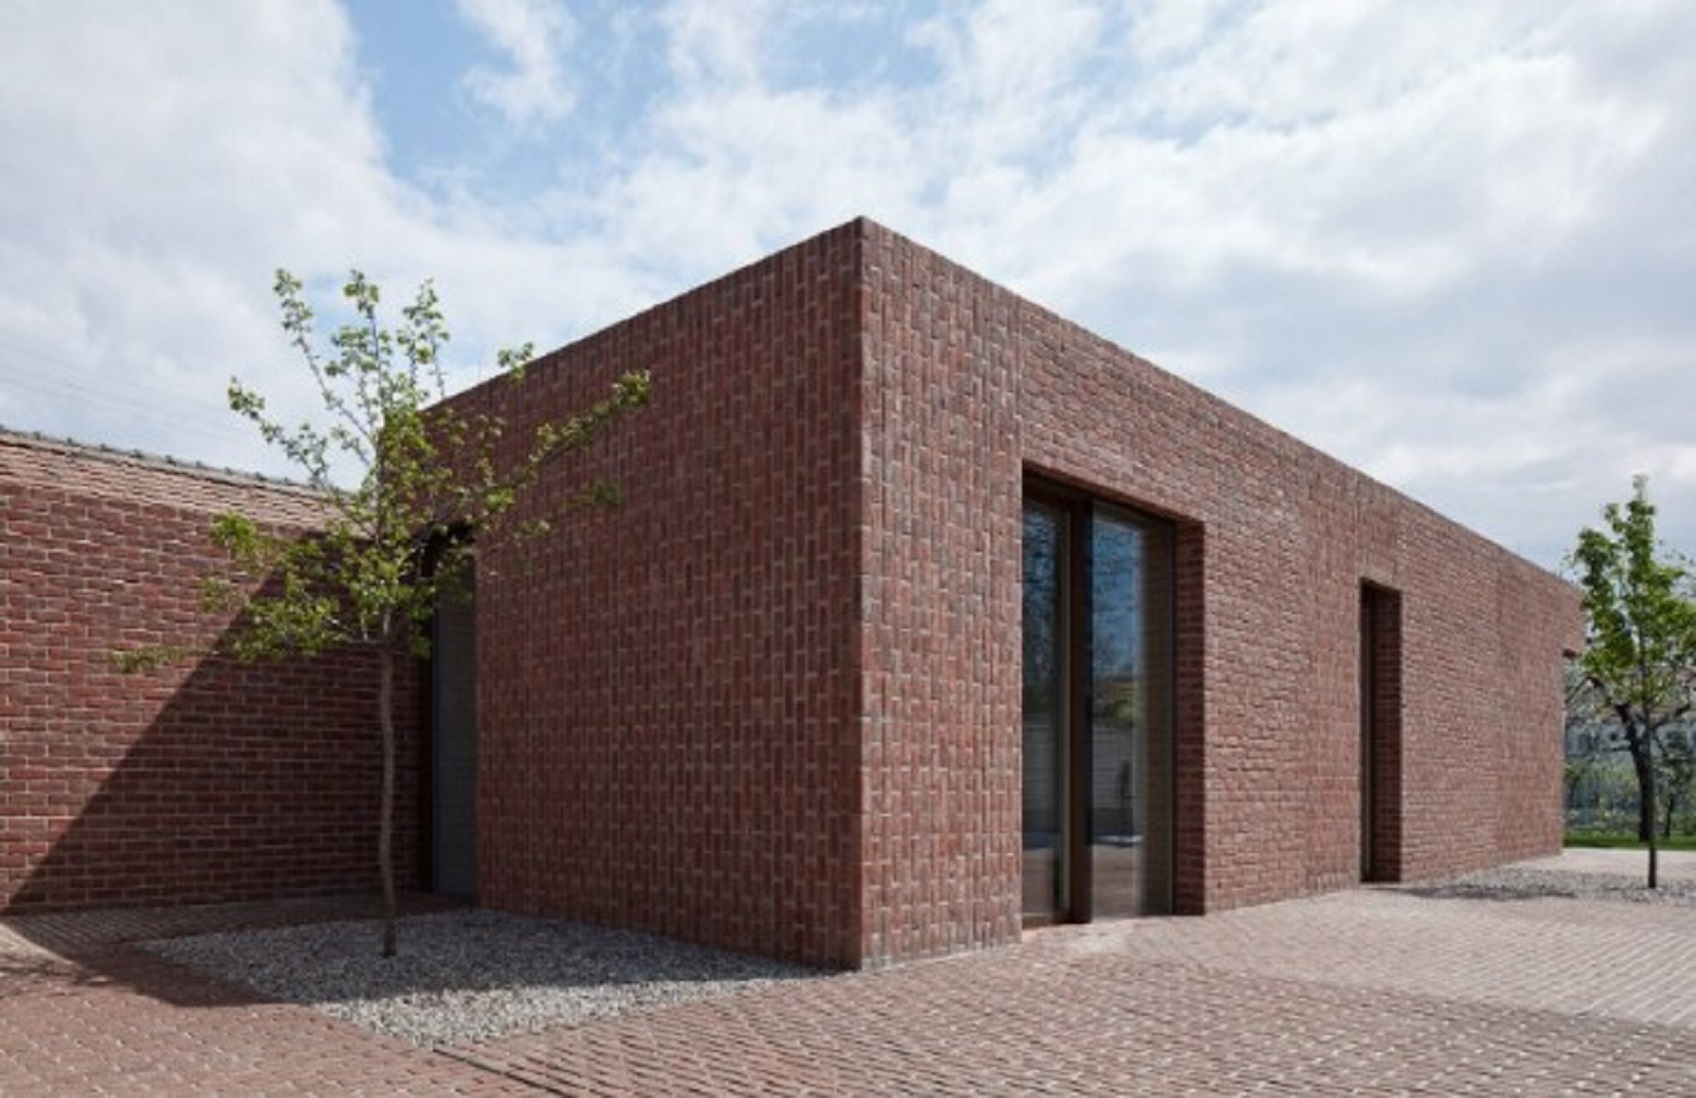 Desain Rumah Minimalis Sederhana dengan Material Batu Bata